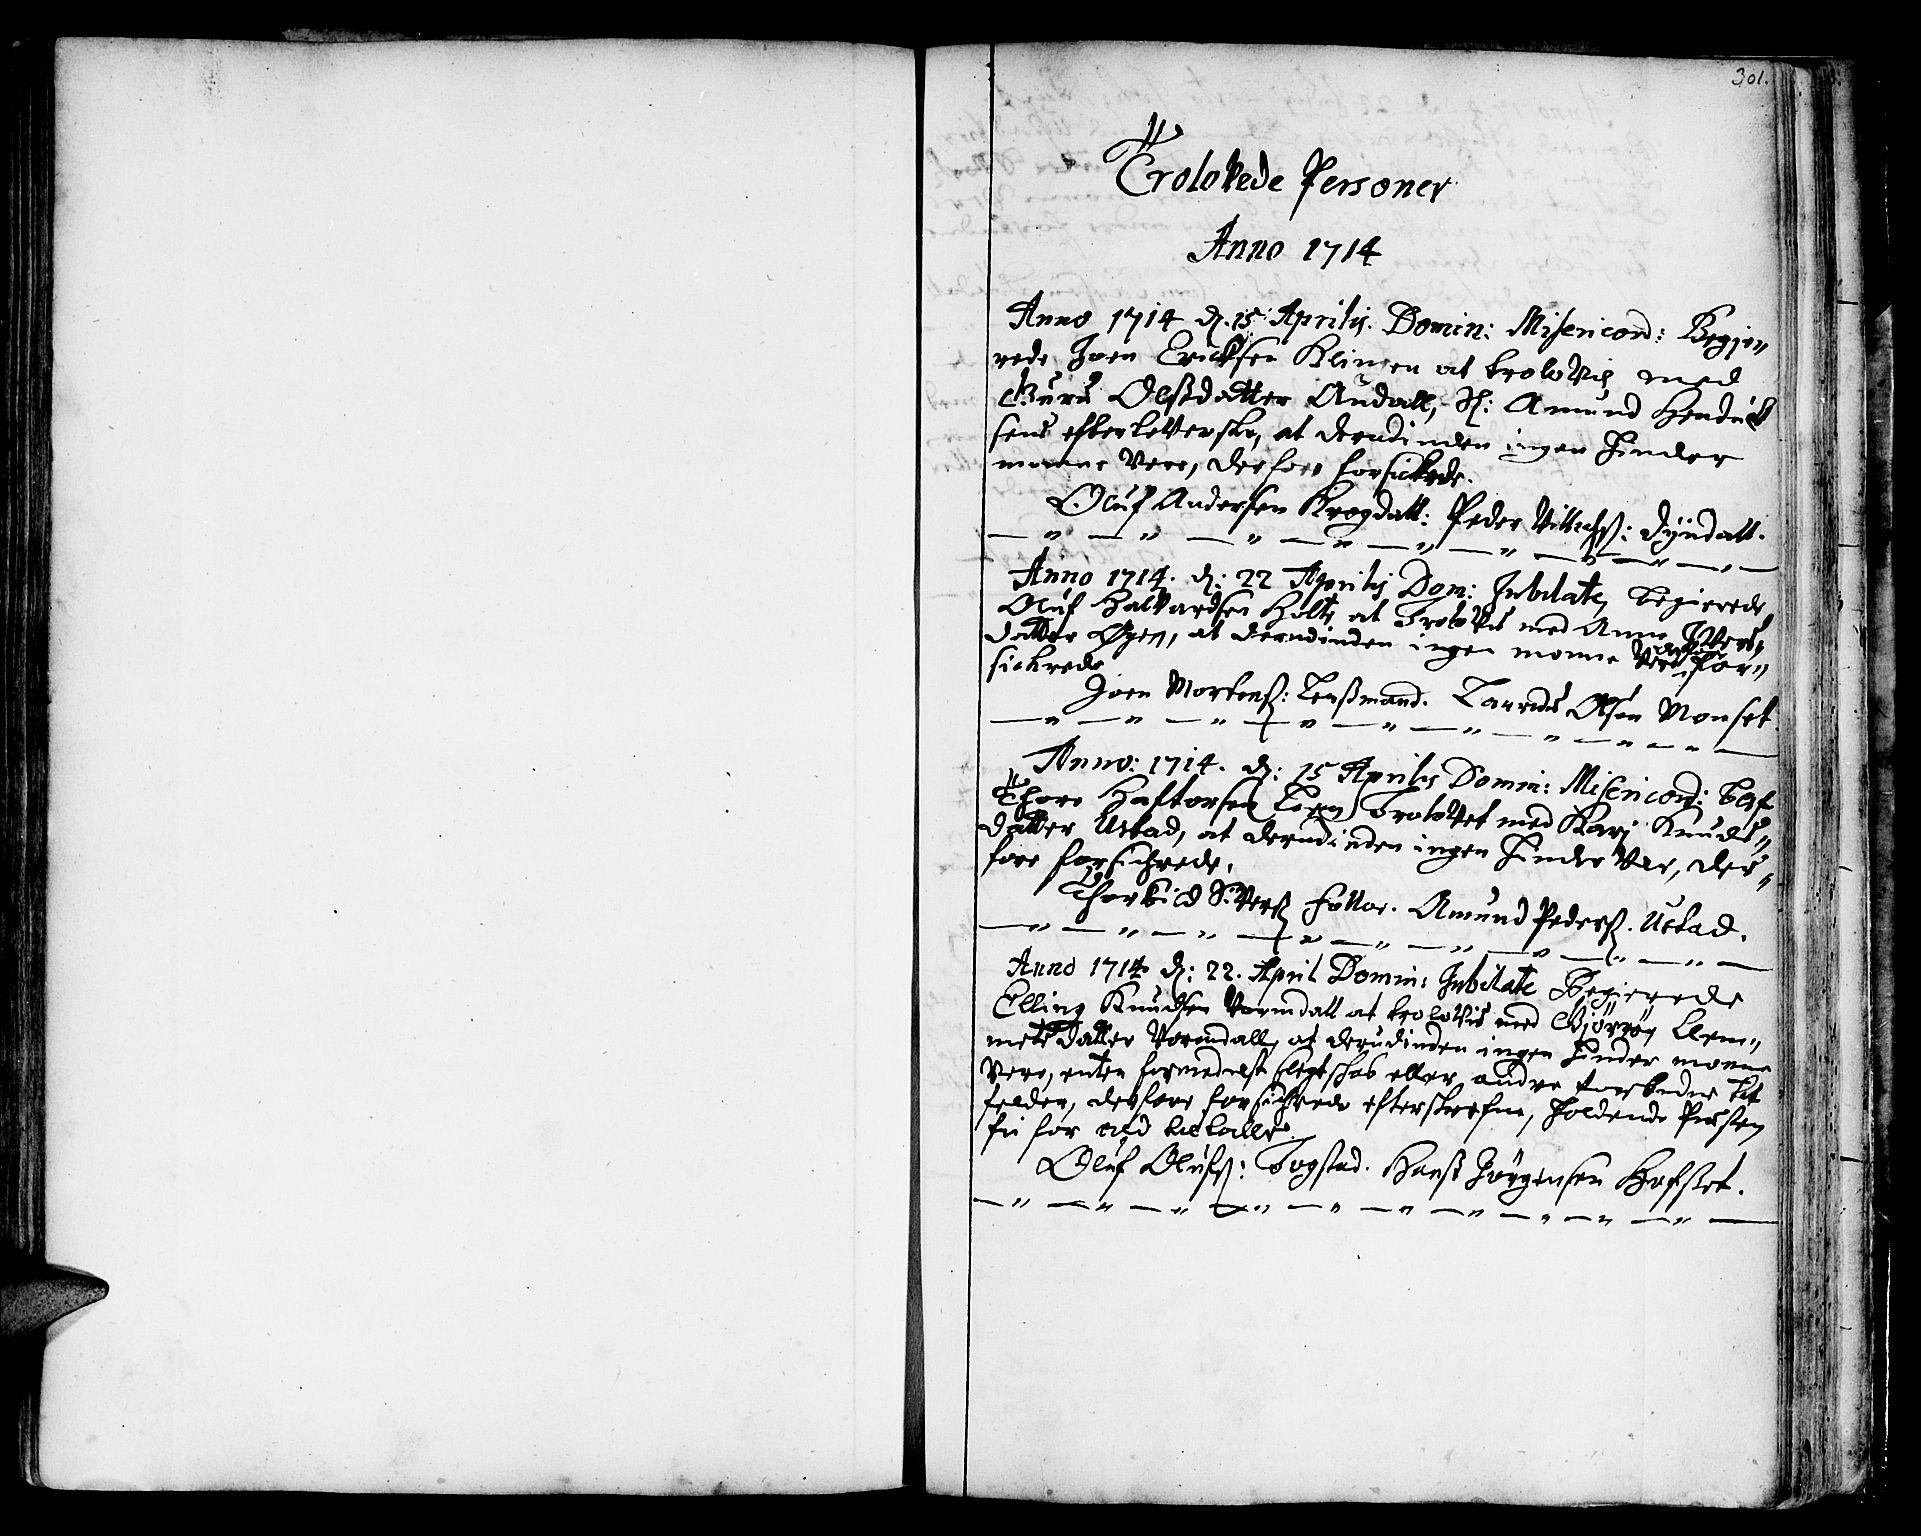 SAT, Ministerialprotokoller, klokkerbøker og fødselsregistre - Sør-Trøndelag, 668/L0801: Ministerialbok nr. 668A01, 1695-1716, s. 300-301